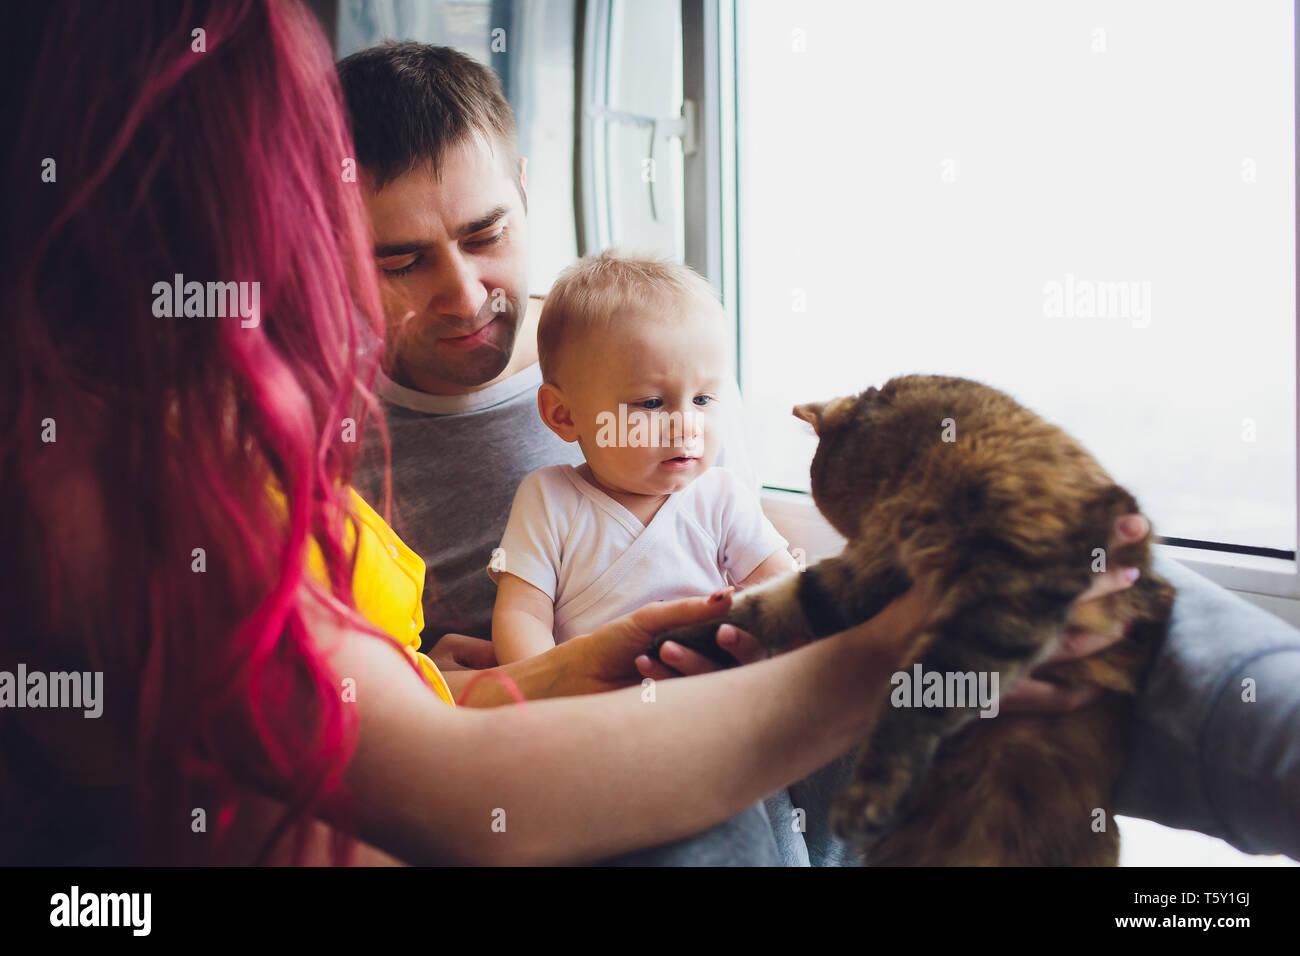 El padre y la madre joven jugando con su hijo y los gatos. Foto de stock